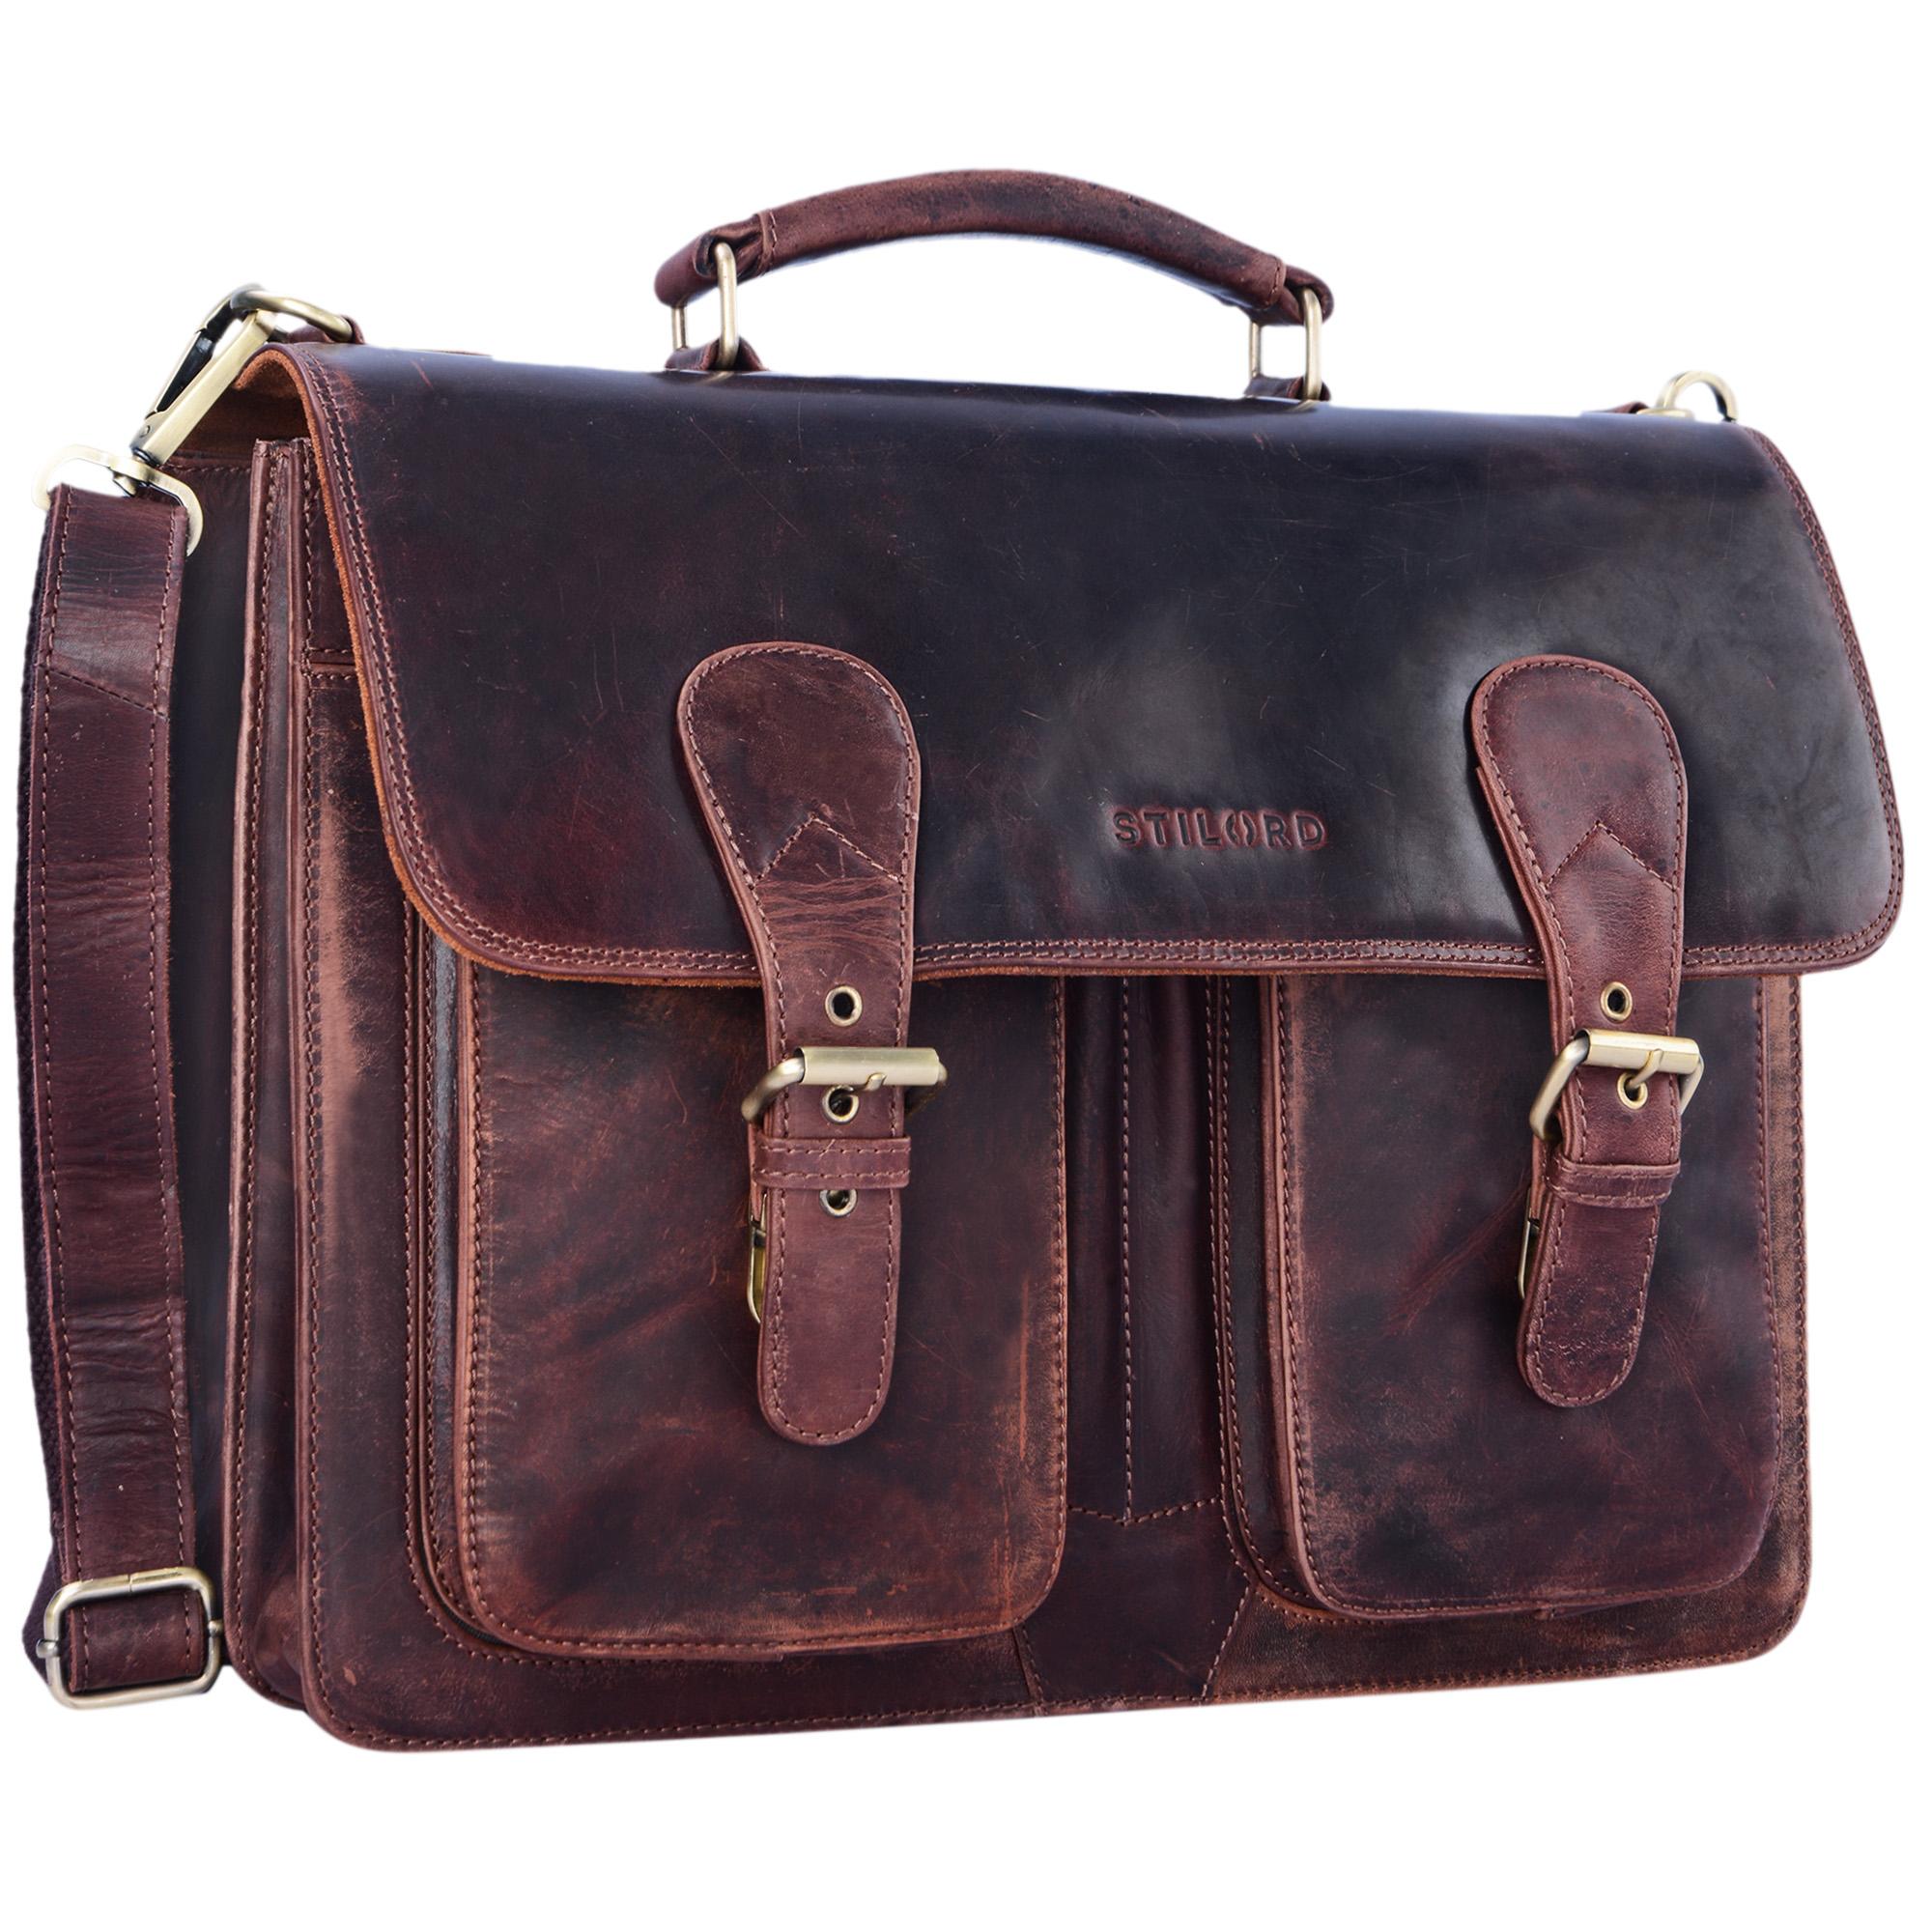 """STILORD """"Karl"""" Aktentasche Herren Lehrertasche Bürotasche Laptoptasche Umhängetasche XL Businesstasche Vintage groß aus echtem Leder  - Bild 8"""